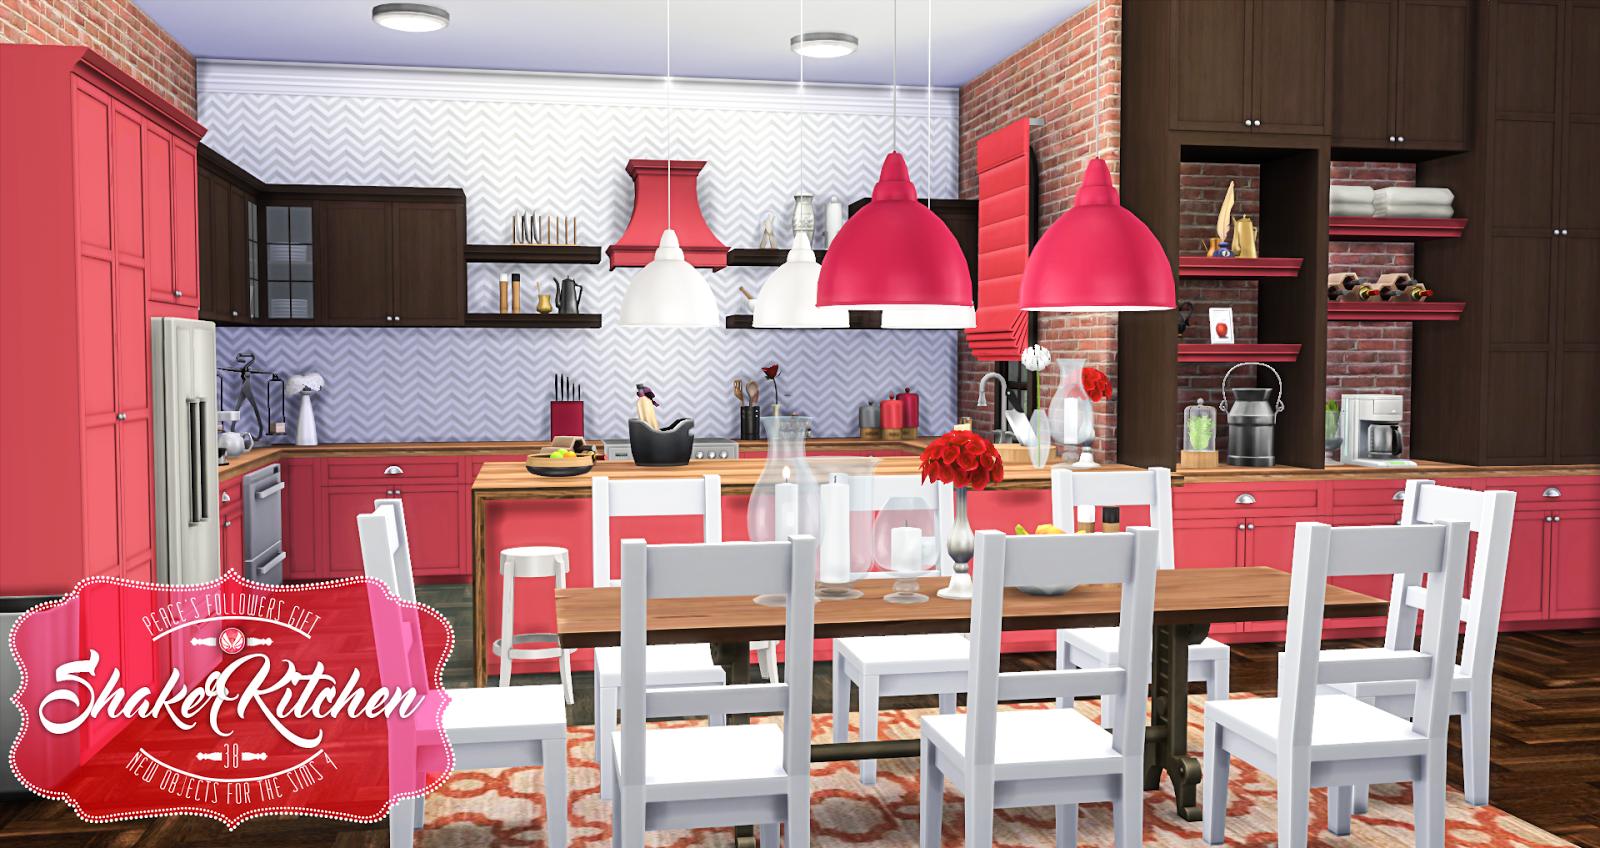 Simsational Designs Shaker Kitchen